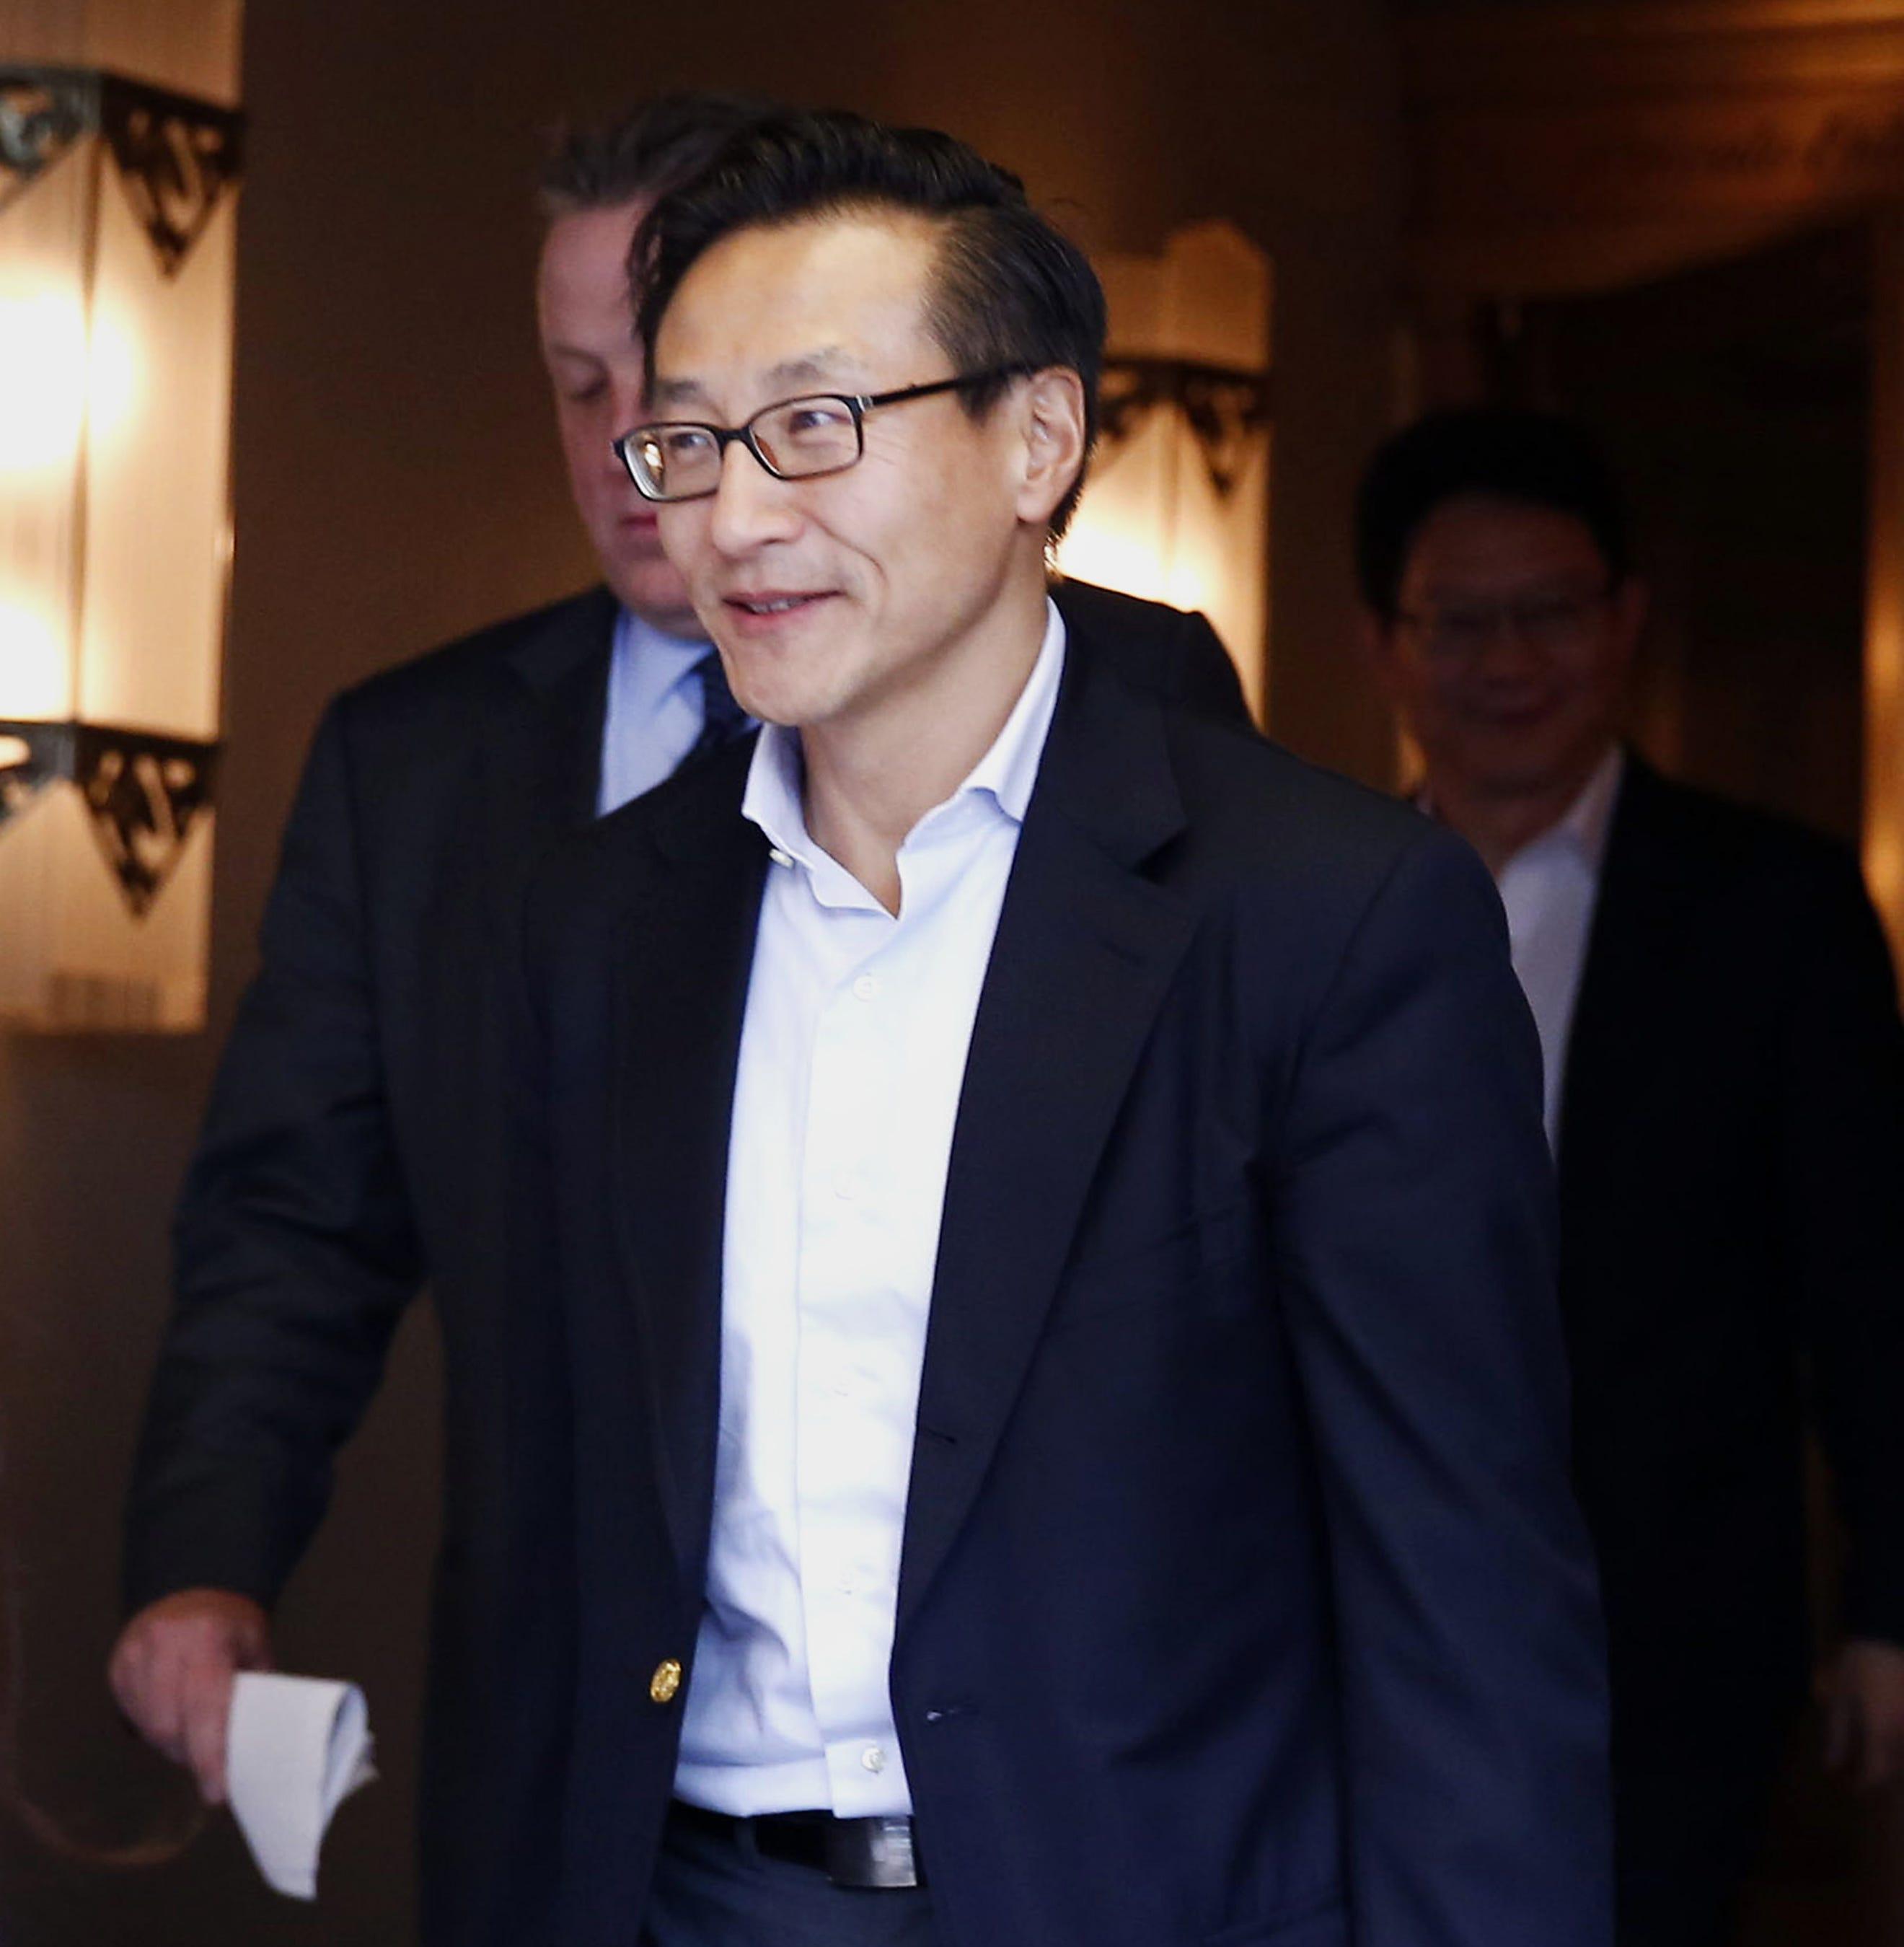 Xxx Alibaba Roadshow A Fin Usa Ny